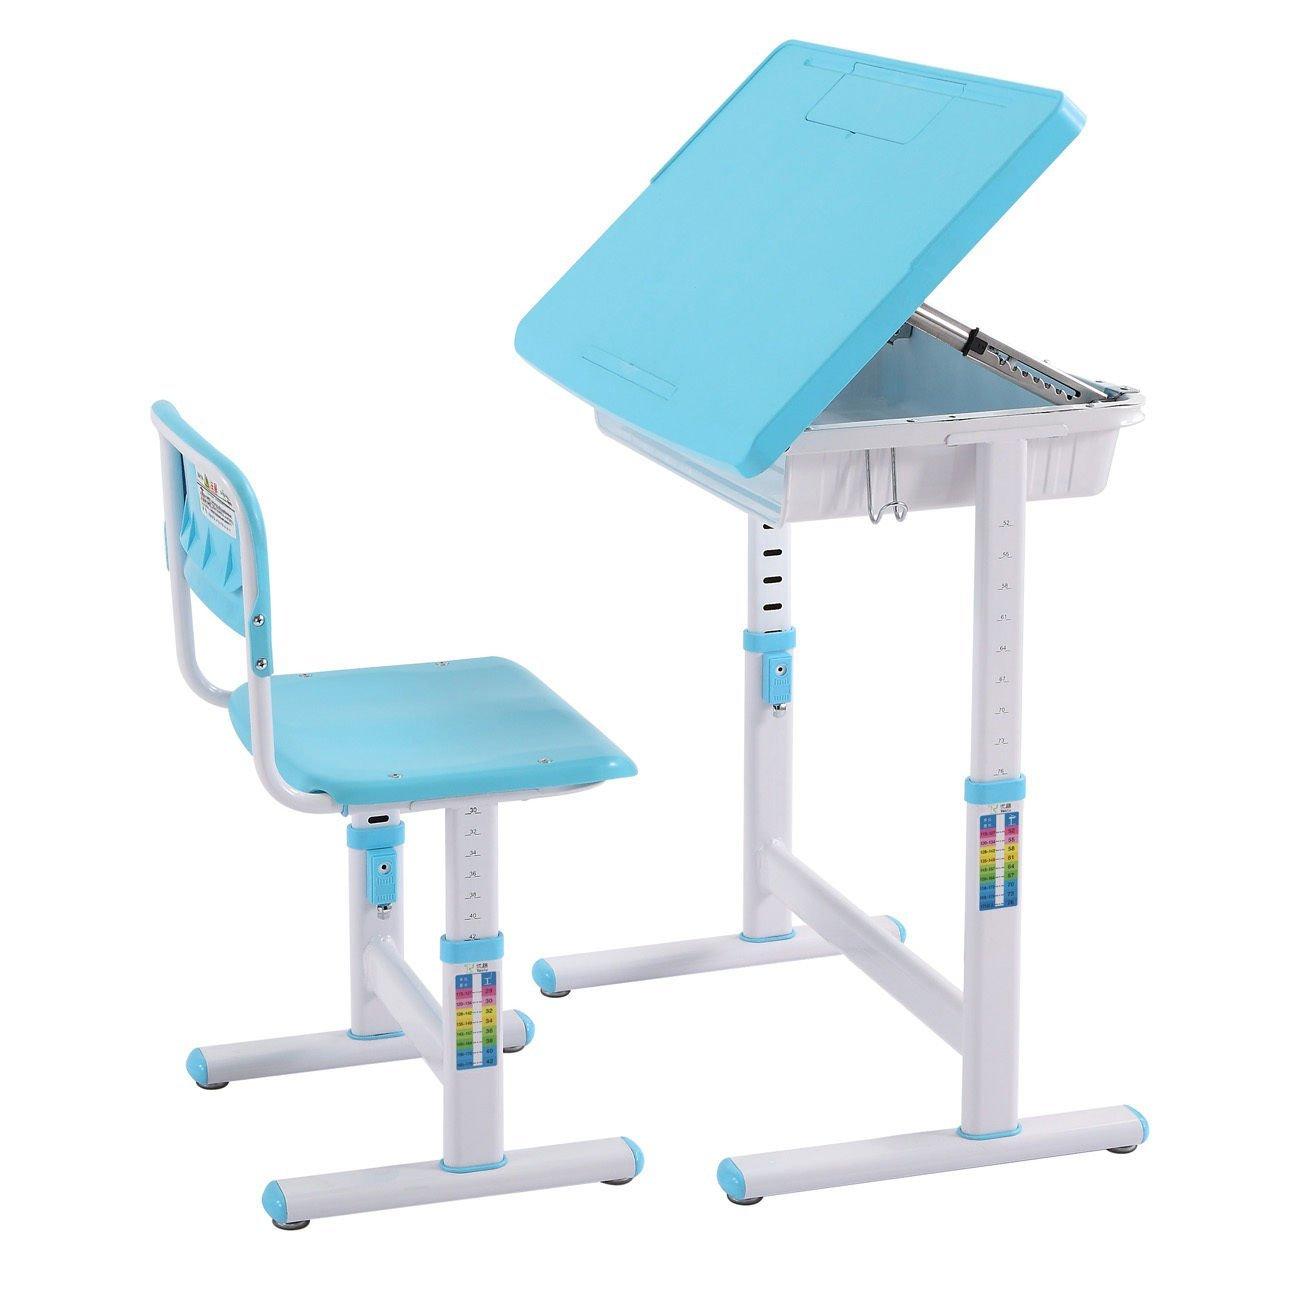 Chende Children Adjustable Study Desk & Chair Kids Interactive Work Station School Desk (Blue) Tochic company